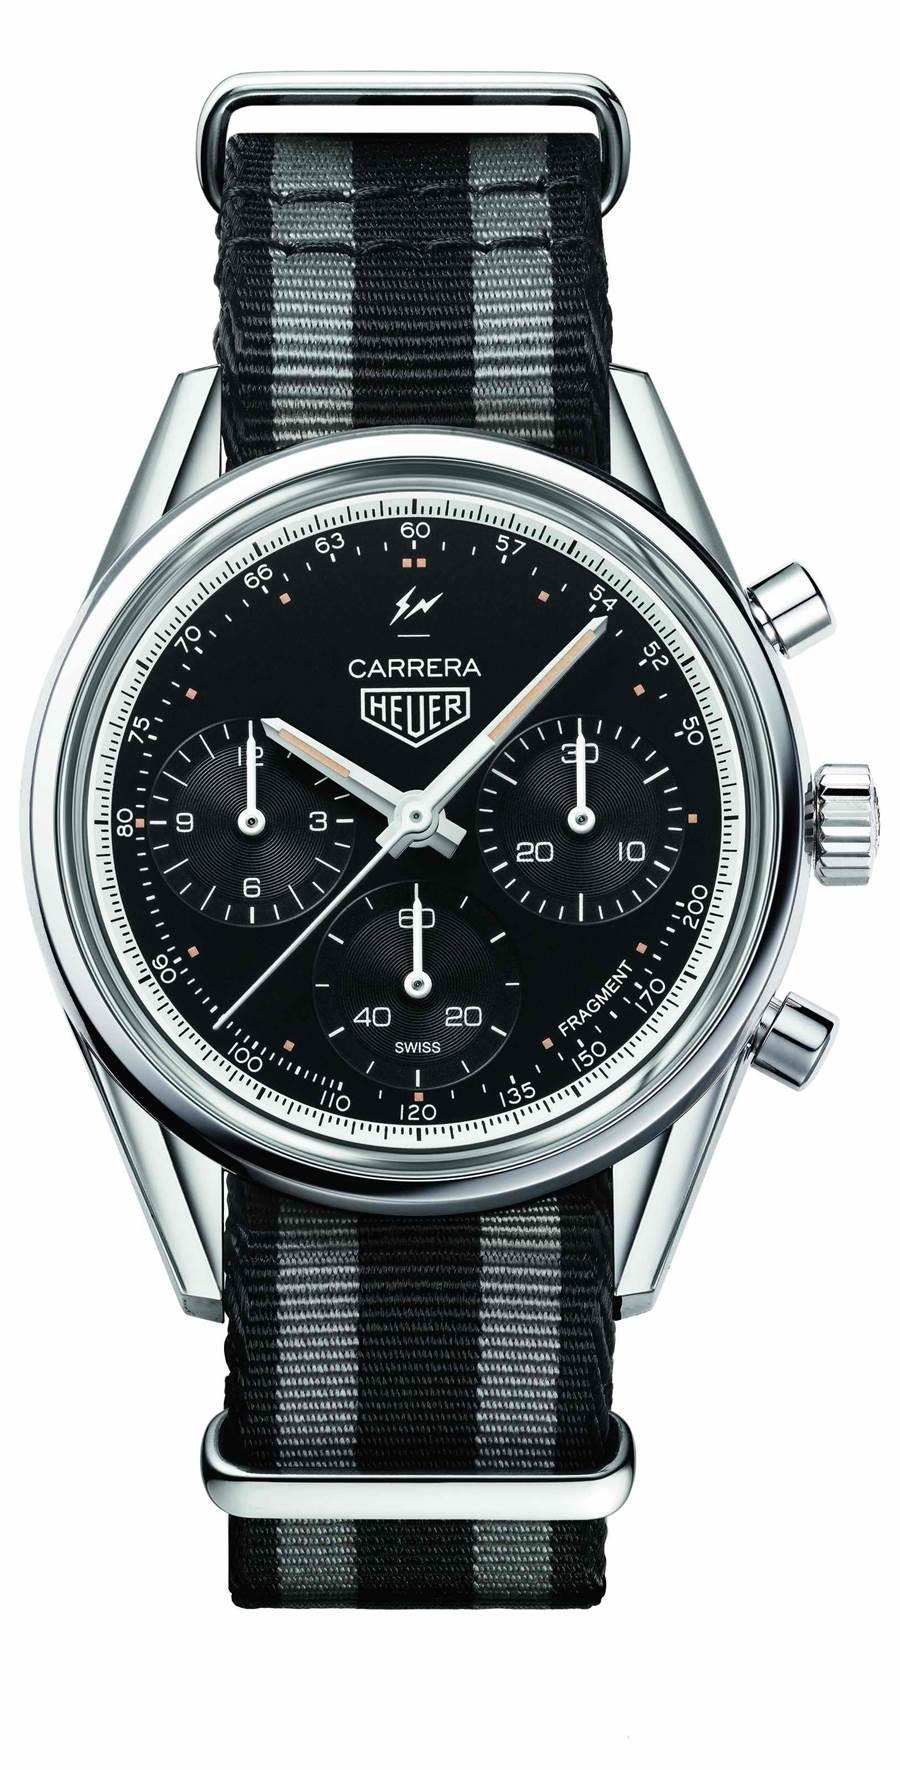 泰格豪雅Carrera Heuer-02 X藤原浩Fragment聯名計時腕表,可搭黑灰相間NATO表帶和黑色鱷魚皮表帶,26萬5800元。(TAG Heuer提供)